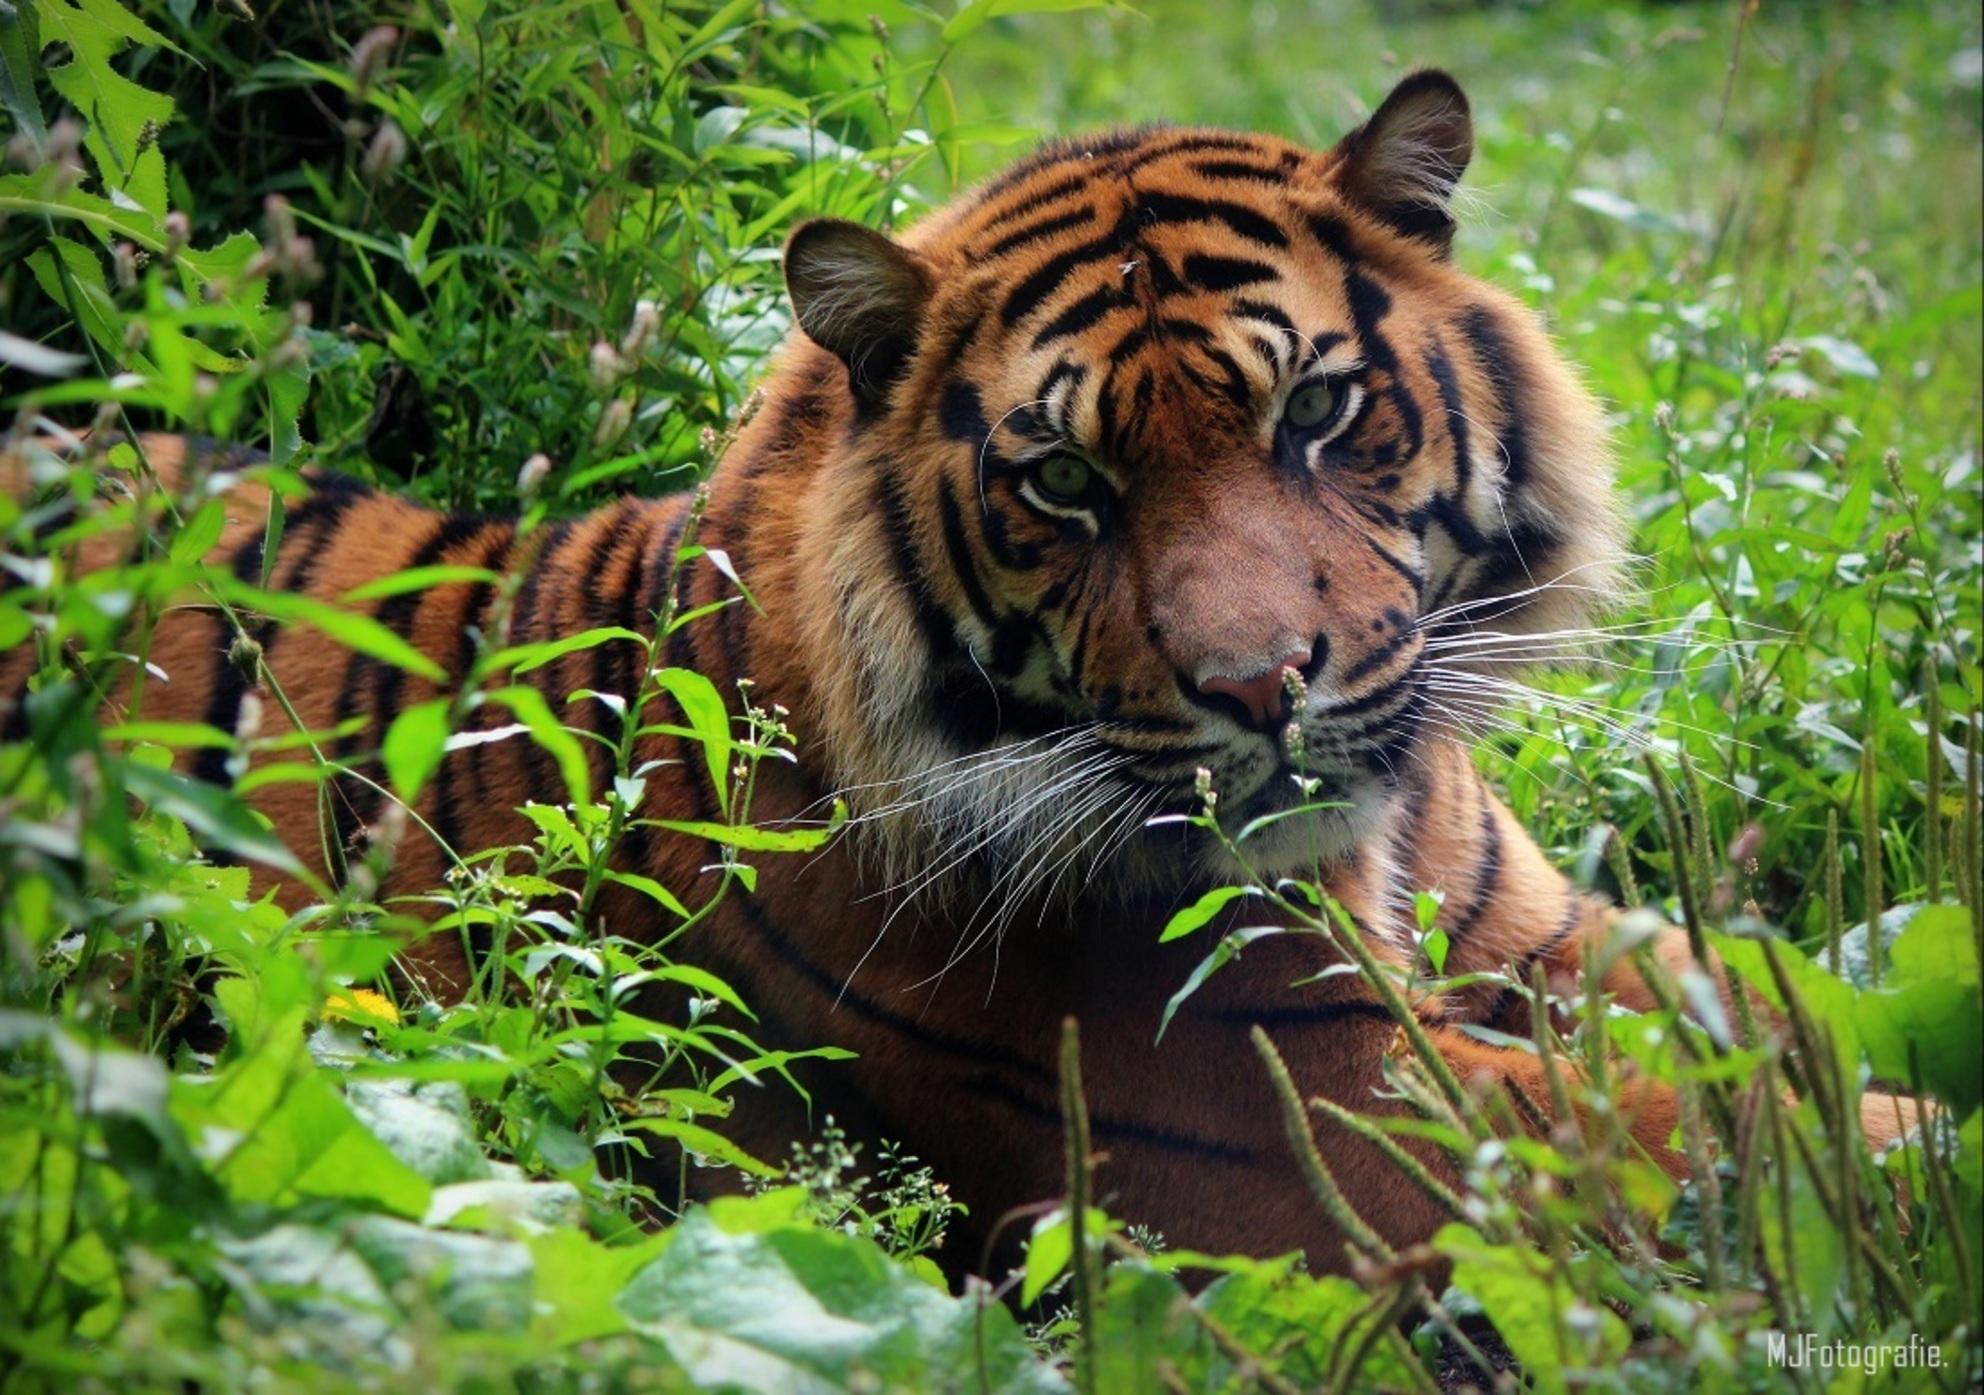 Tijger - Deze mooie tijger heb ik gespot in Diergaarde Blijdorp Rotterdam. - foto door merianx op 09-12-2014 - deze foto bevat: gras, groen, dierentuin, natuur, dieren, tijger, mooi, wildlife, blijdorp, aankijken, diergaarde blijdorp, blijdorp rotterdam - Deze foto mag gebruikt worden in een Zoom.nl publicatie